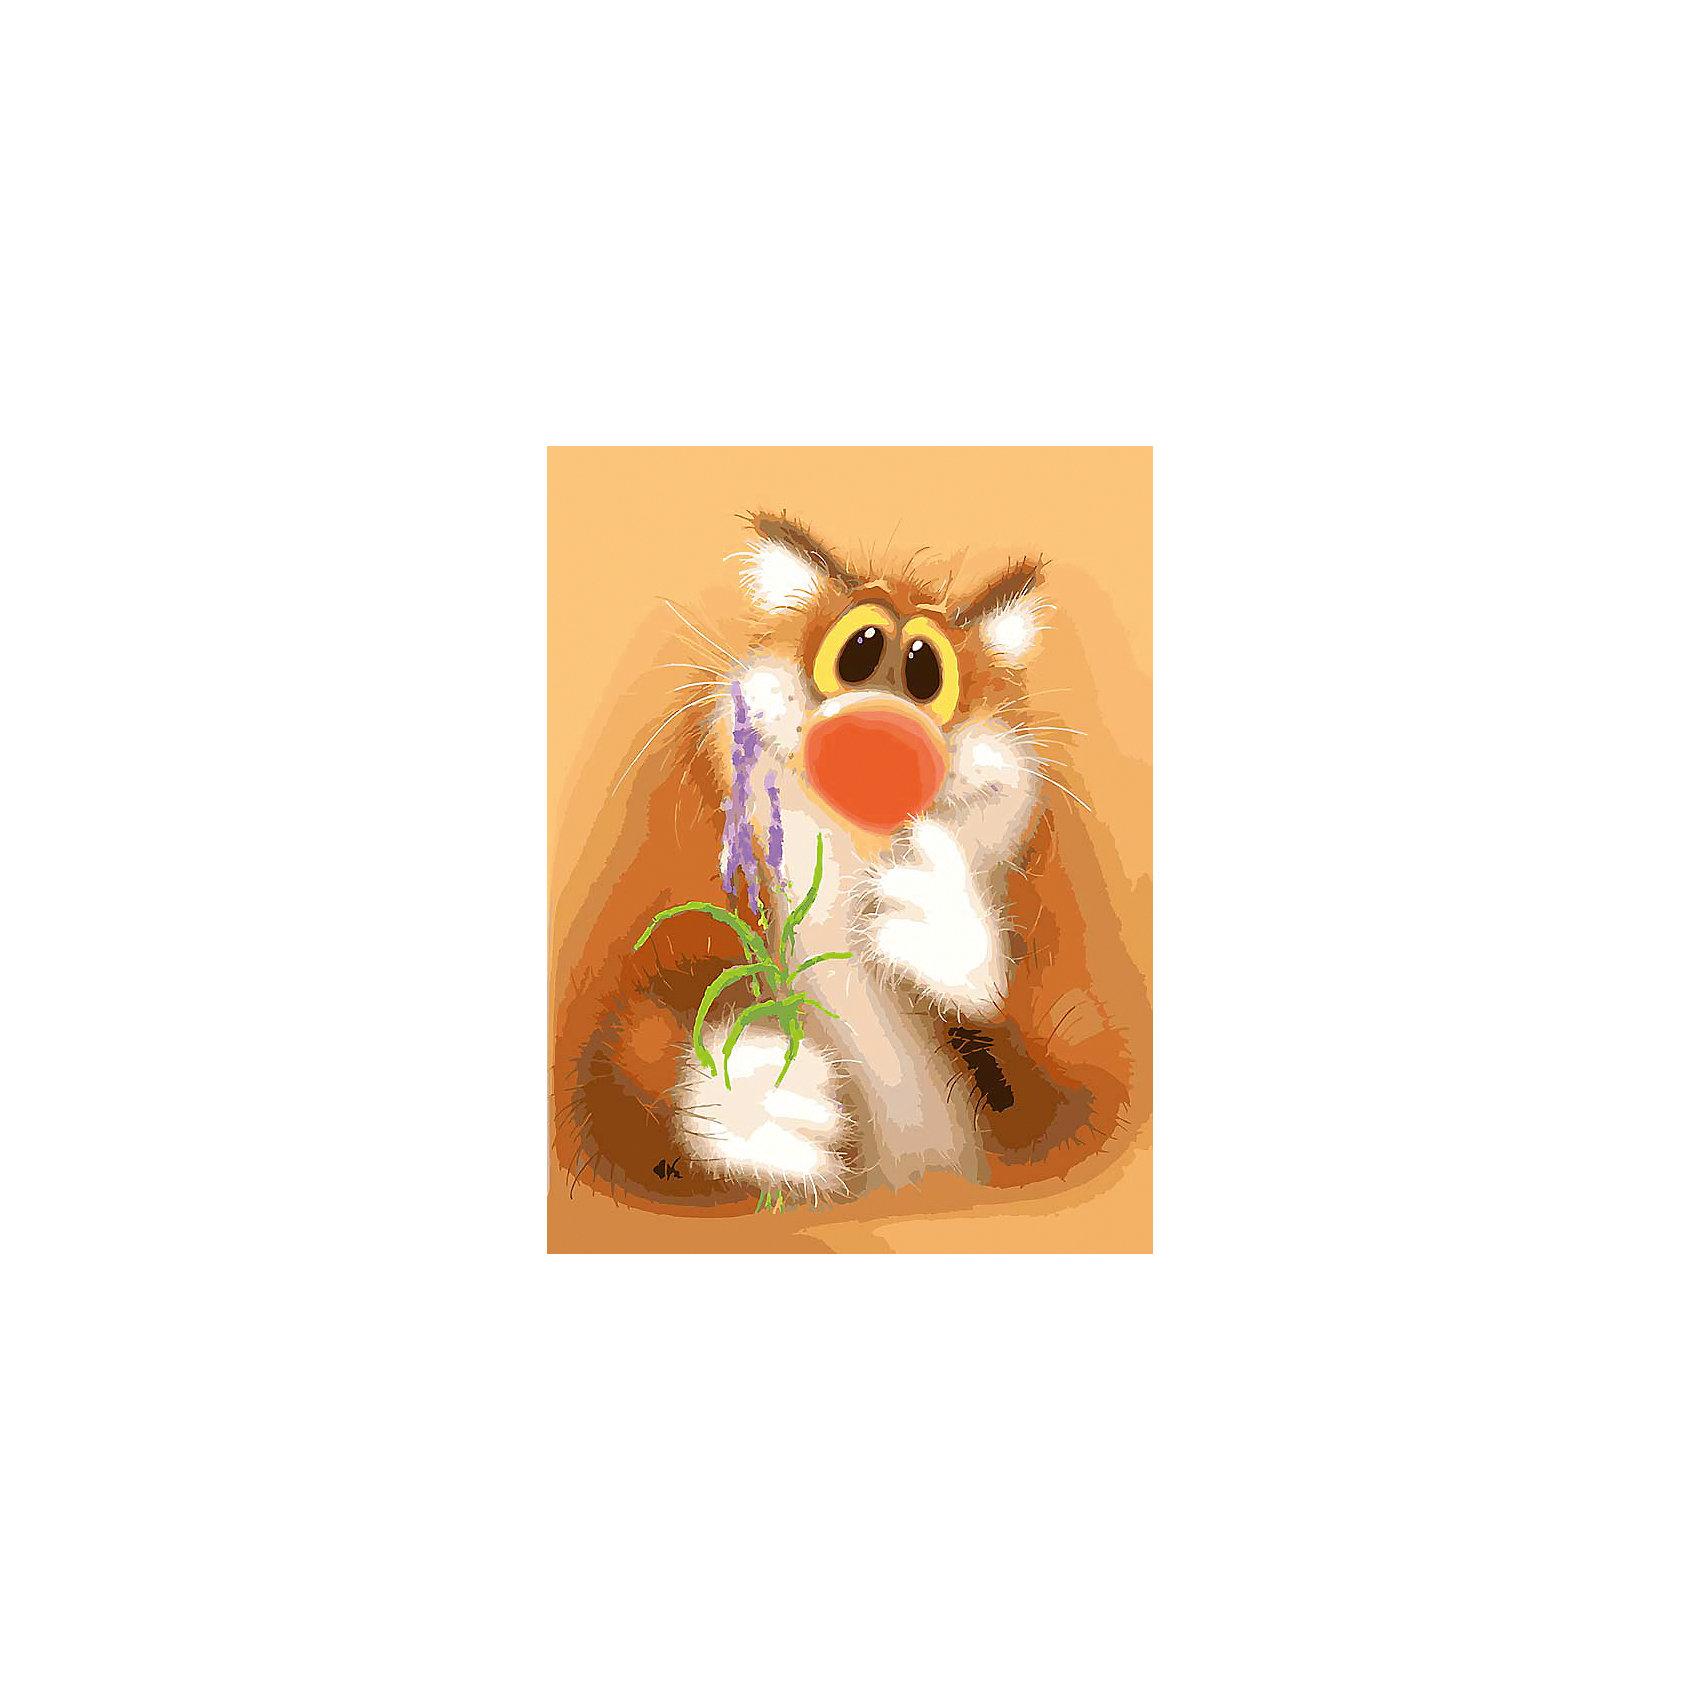 Белоснежка Живопись на холсте 30*40 см Обаятельный котик